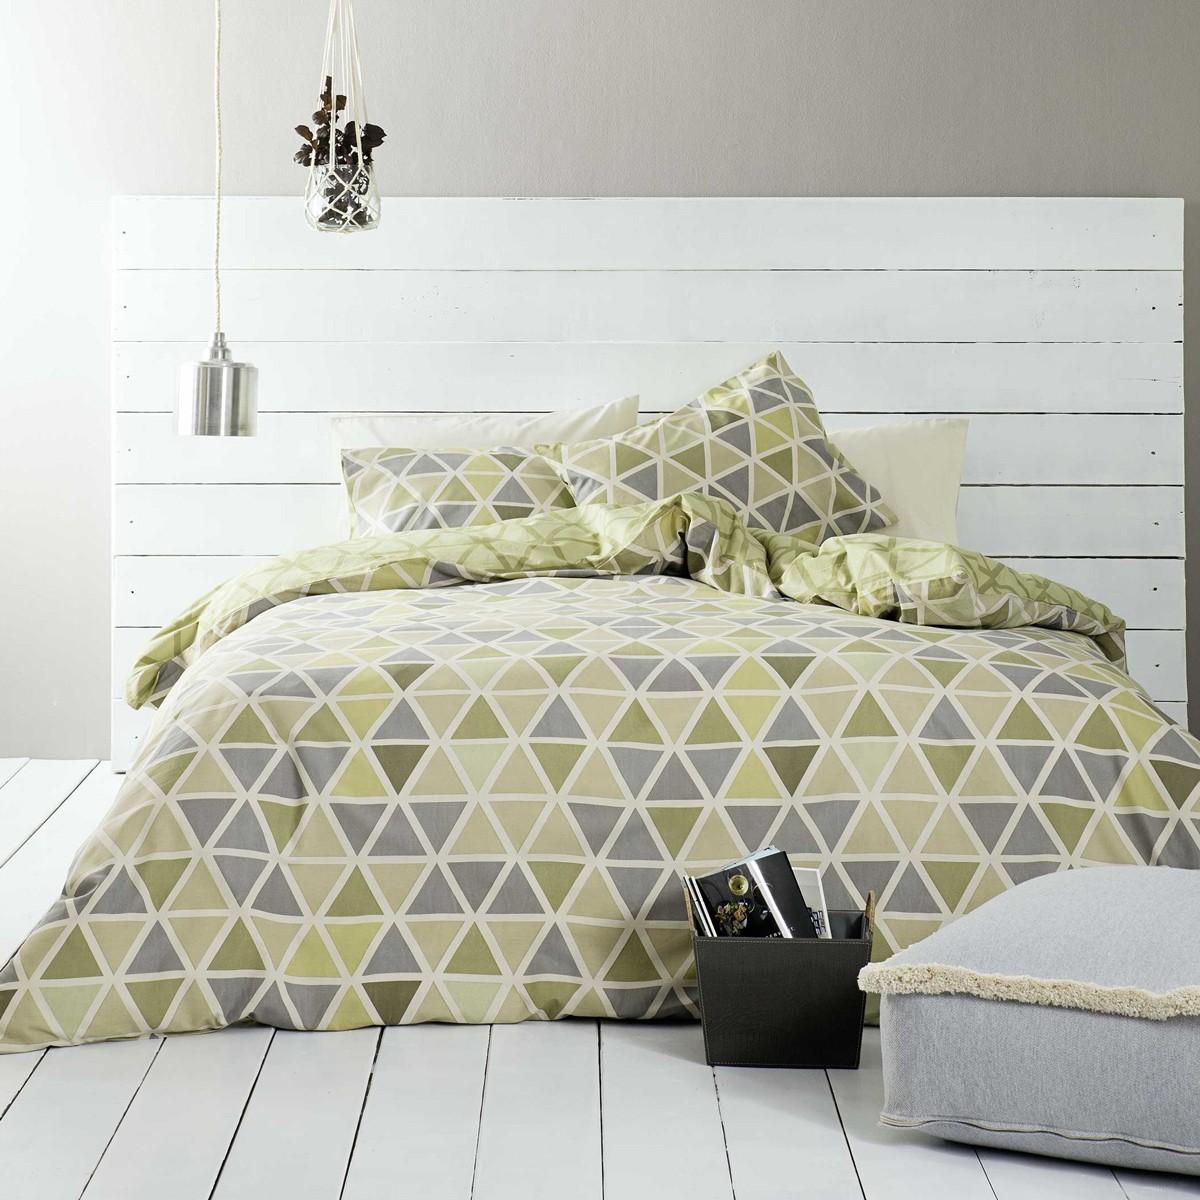 Παπλωματοθήκη Μονή (Σετ) Nima Bed Linen Monterrey Green